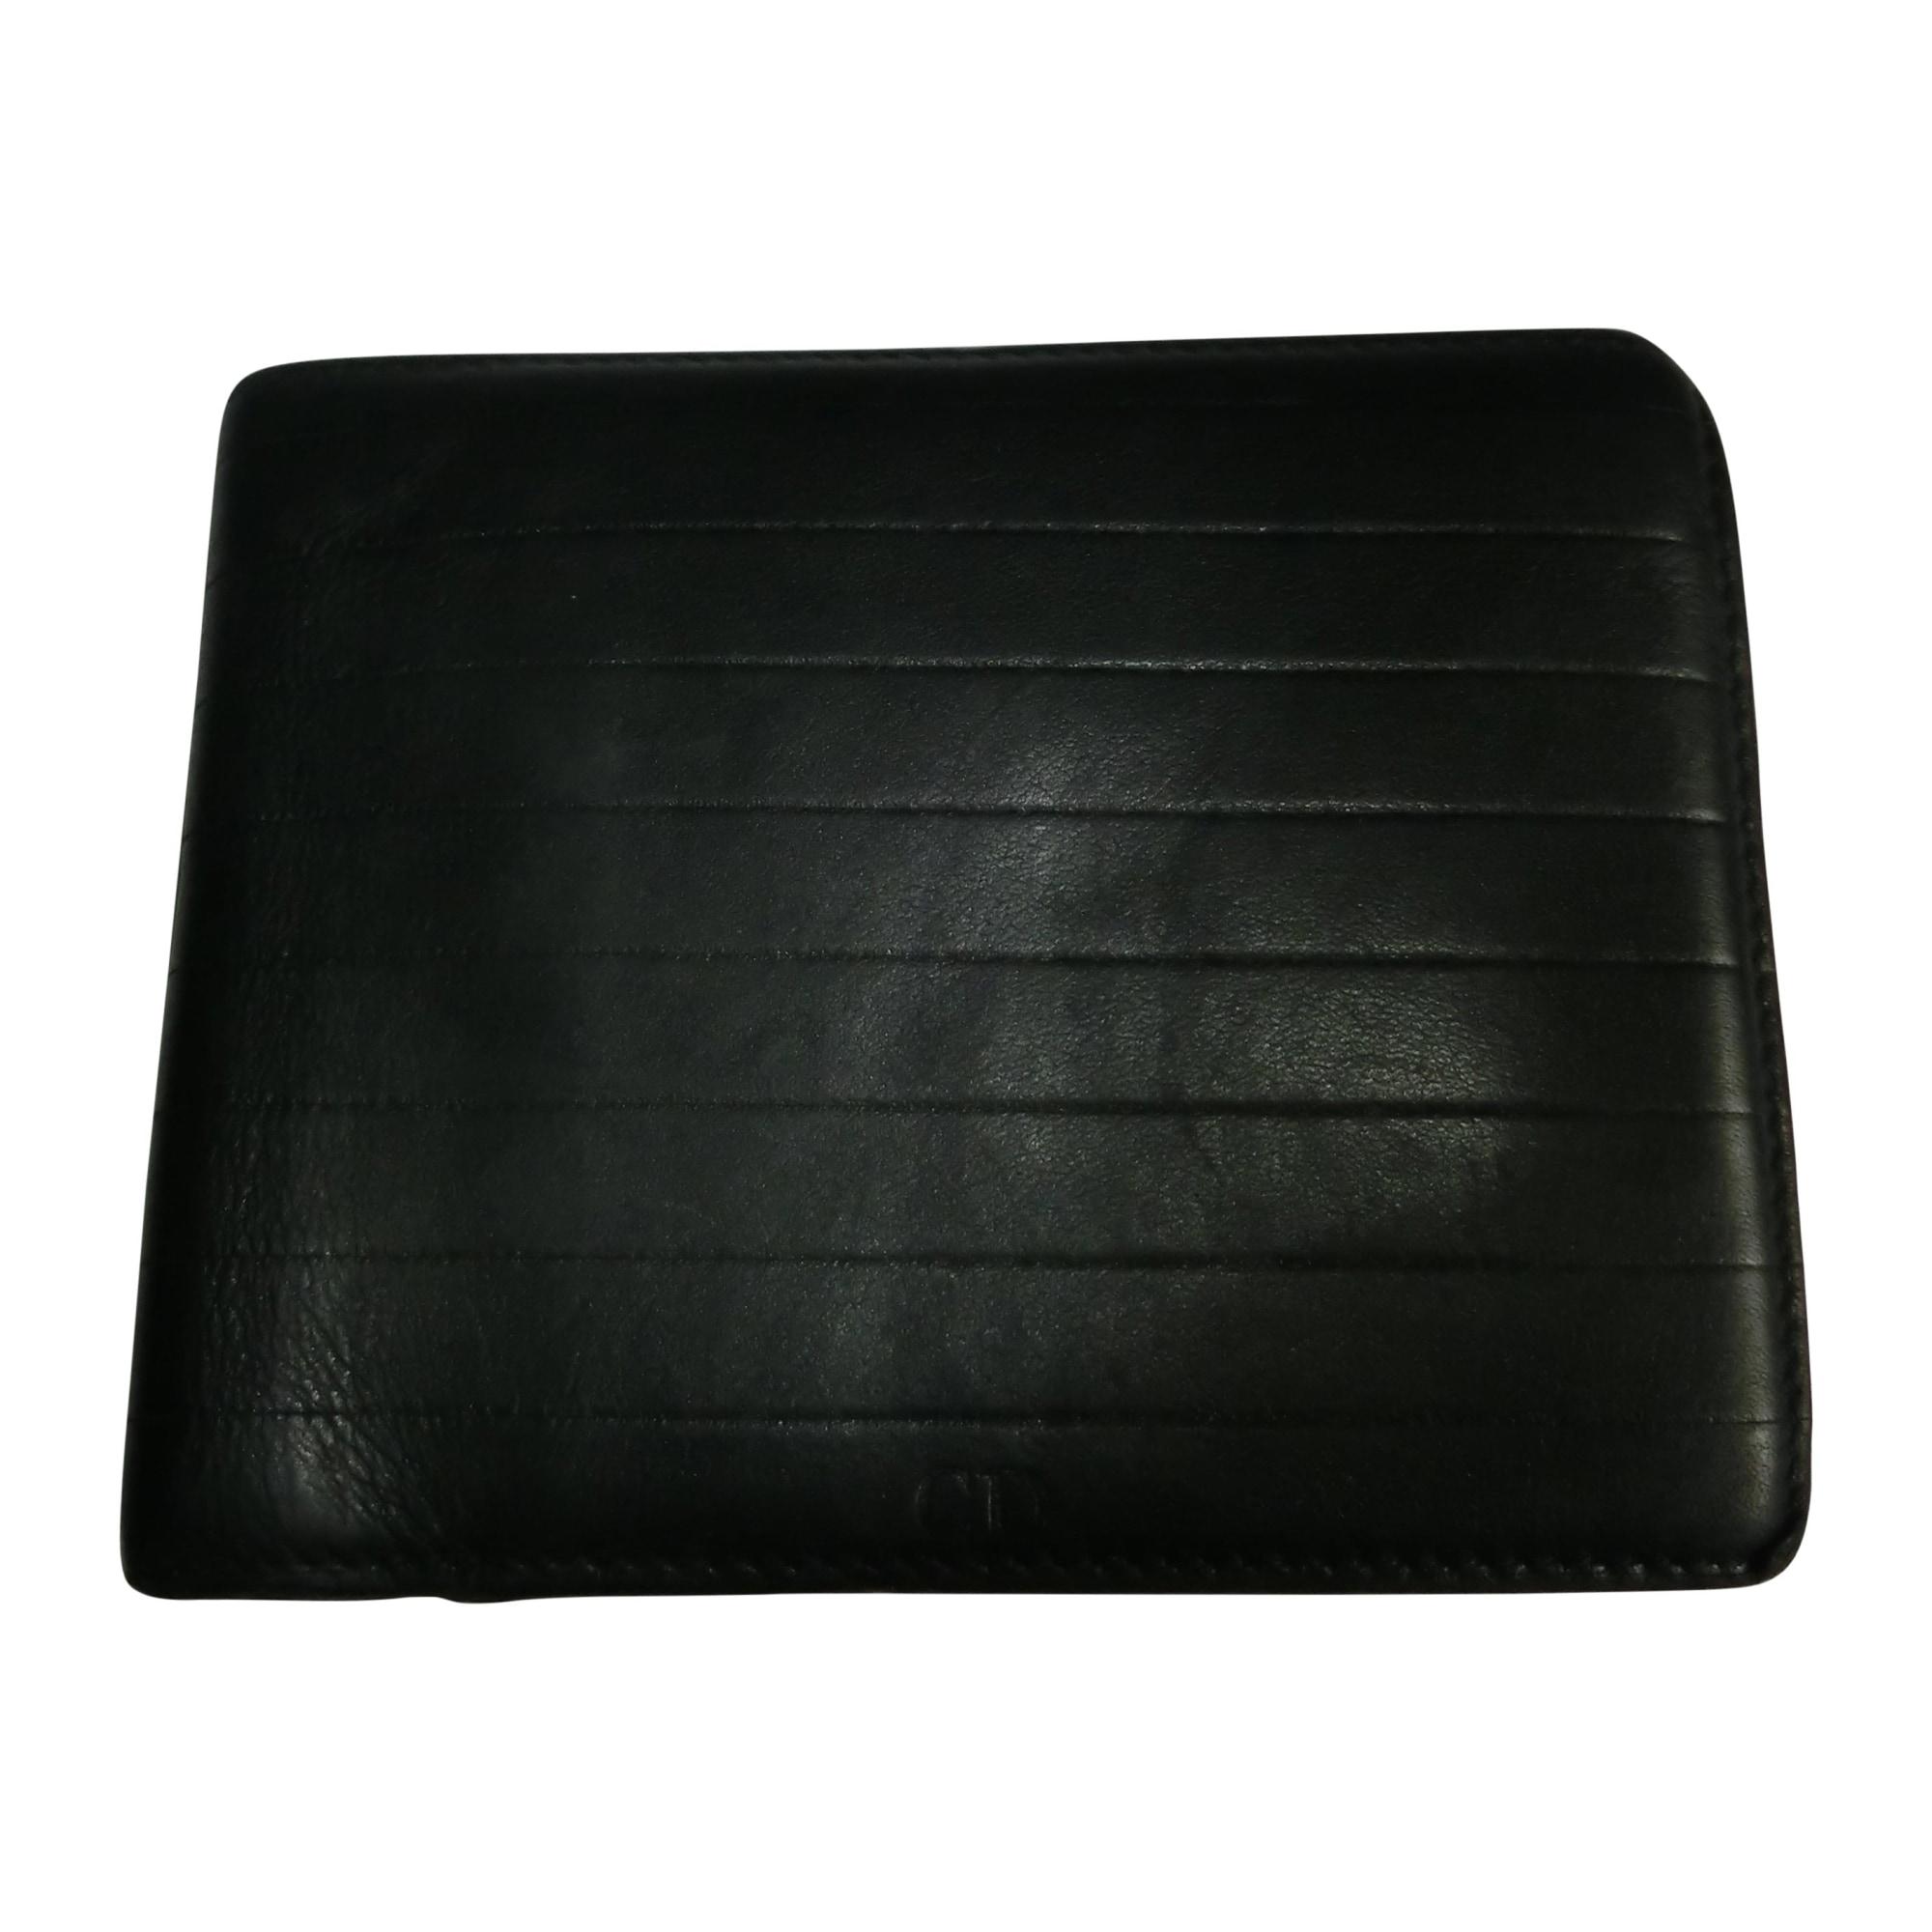 f5f655387e67 Portefeuille DIOR HOMME noir - 3126178